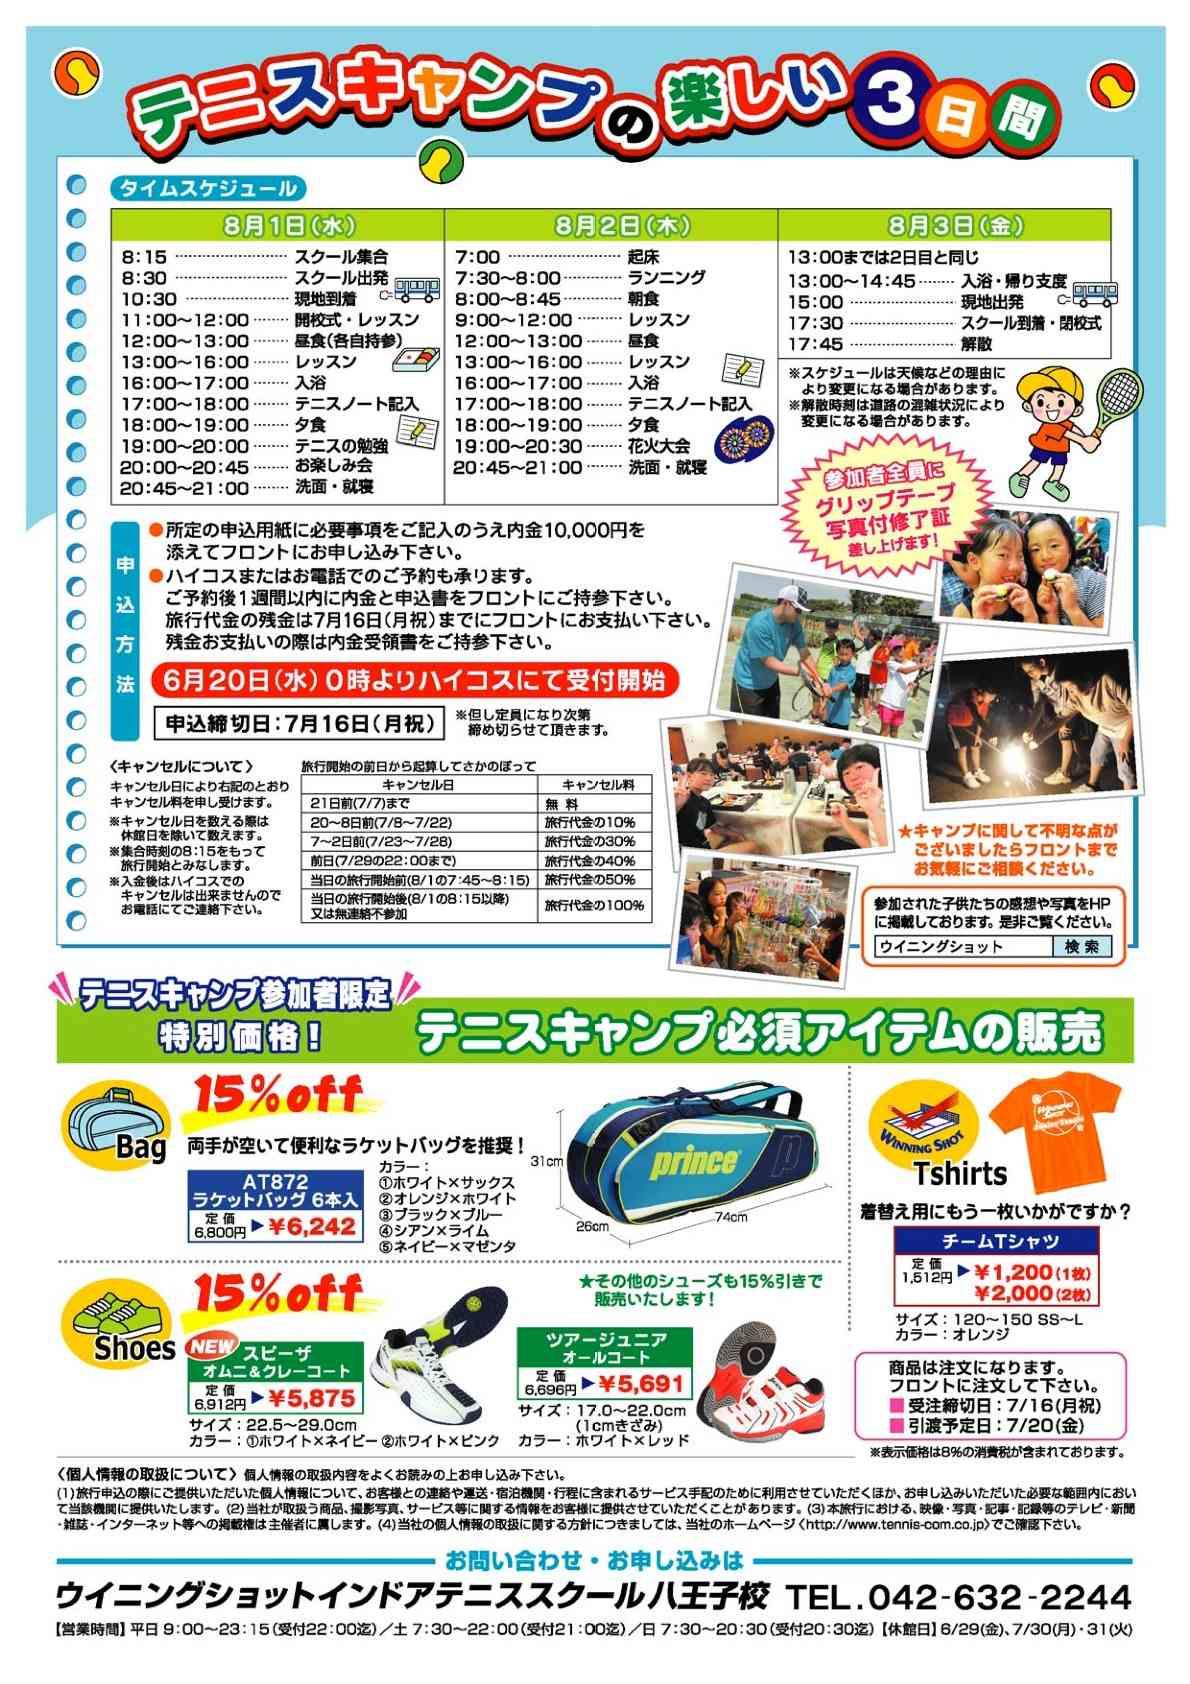 【8/1~3開催】夏休みジュニアテニスキャンプ